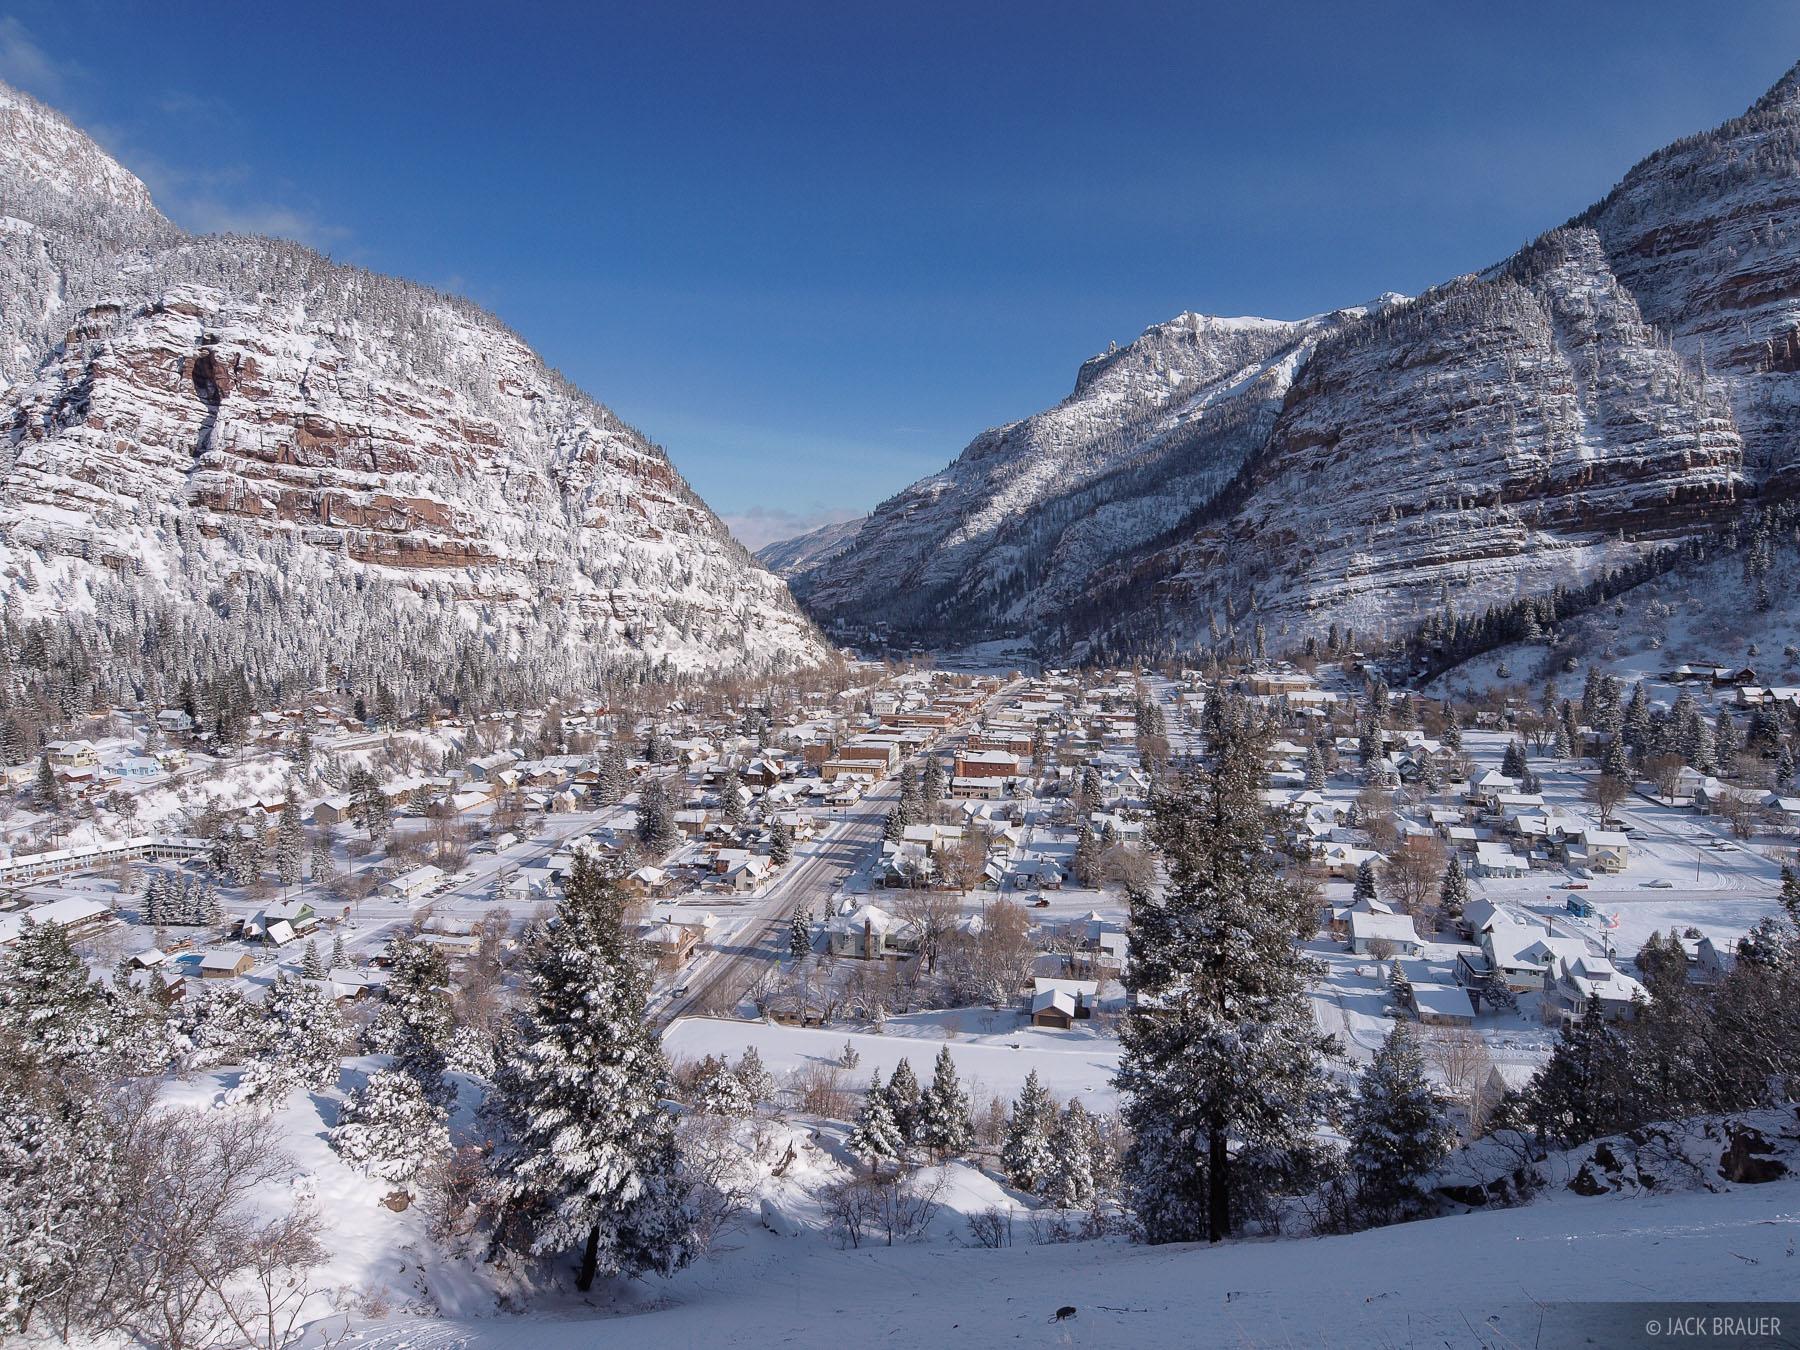 Bluebird, Ouray, Colorado, photo